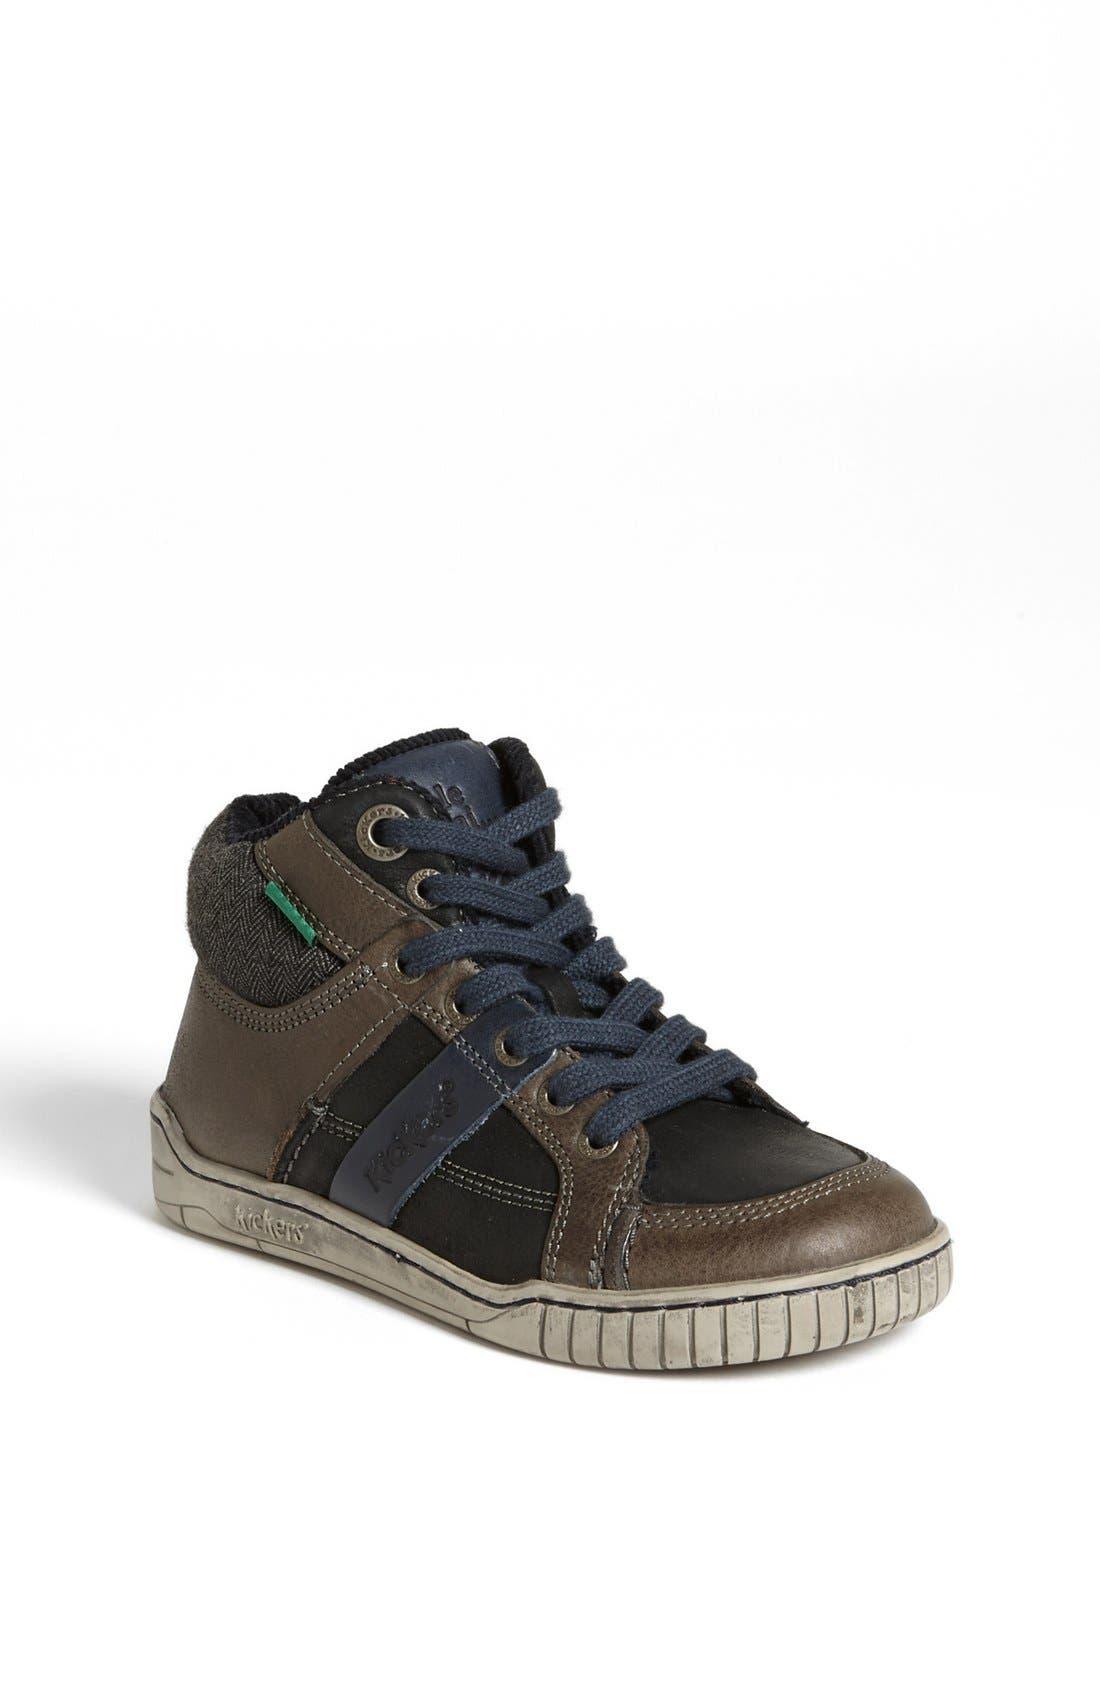 Alternate Image 1 Selected - Kickers 'Wincut' Sneaker (Toddler, Little Kid & Big Kid)